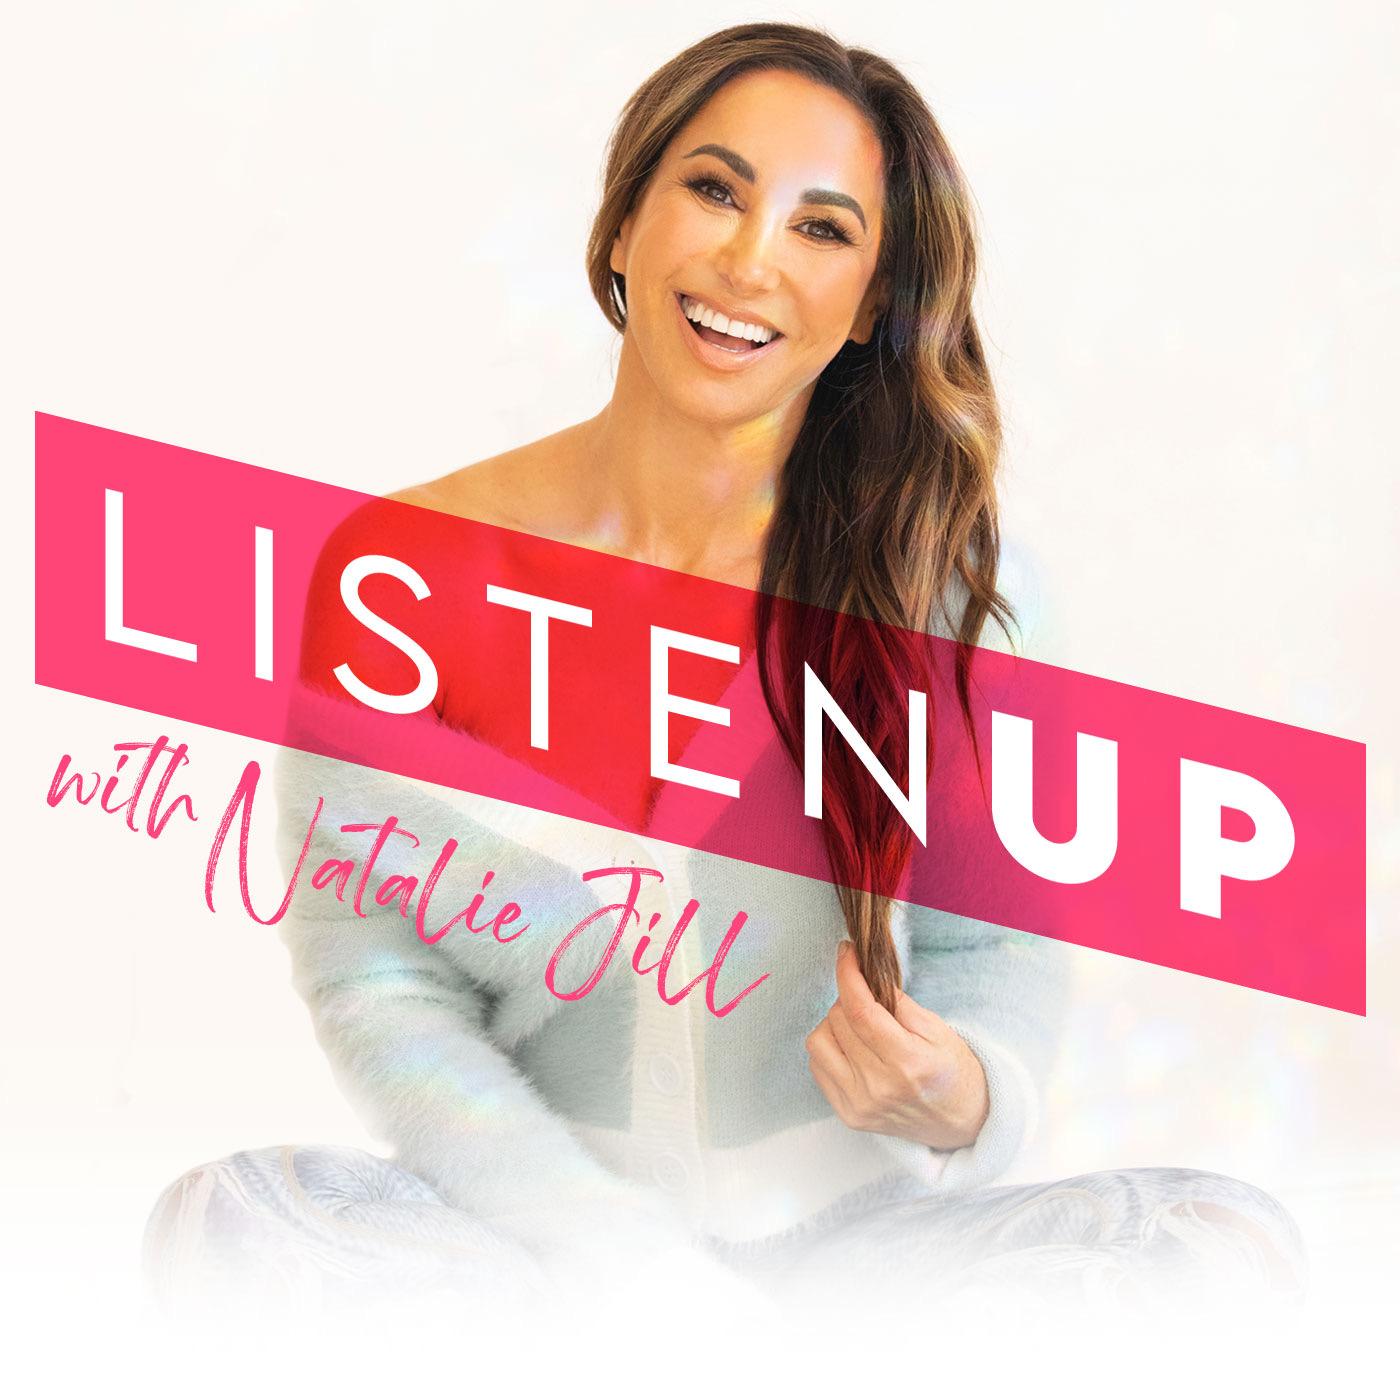 Listen Up! with Natalie Jill show art